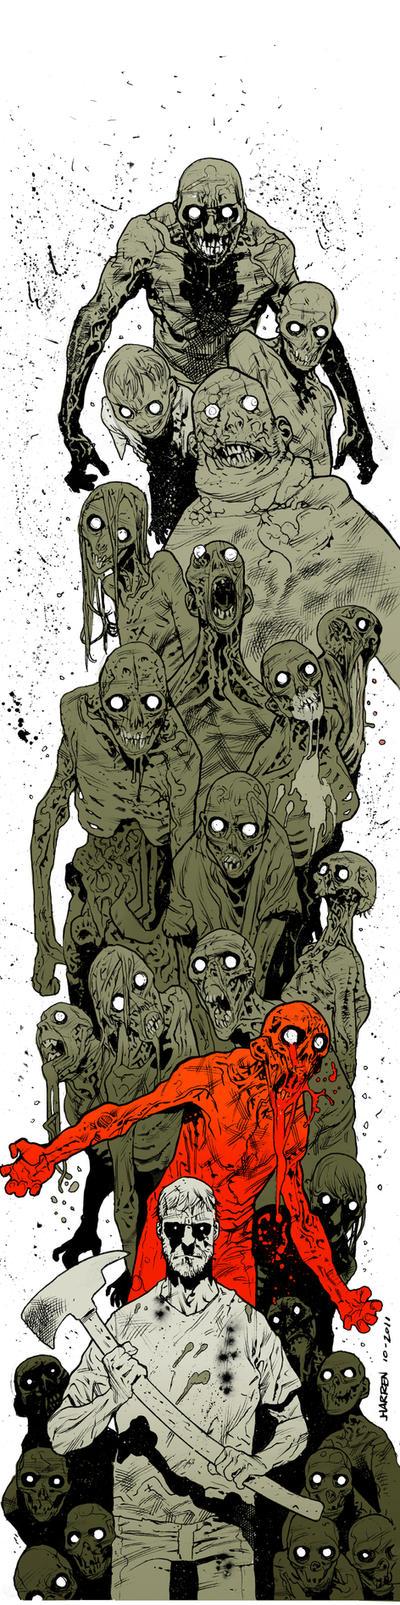 Walking Dead by JHarren